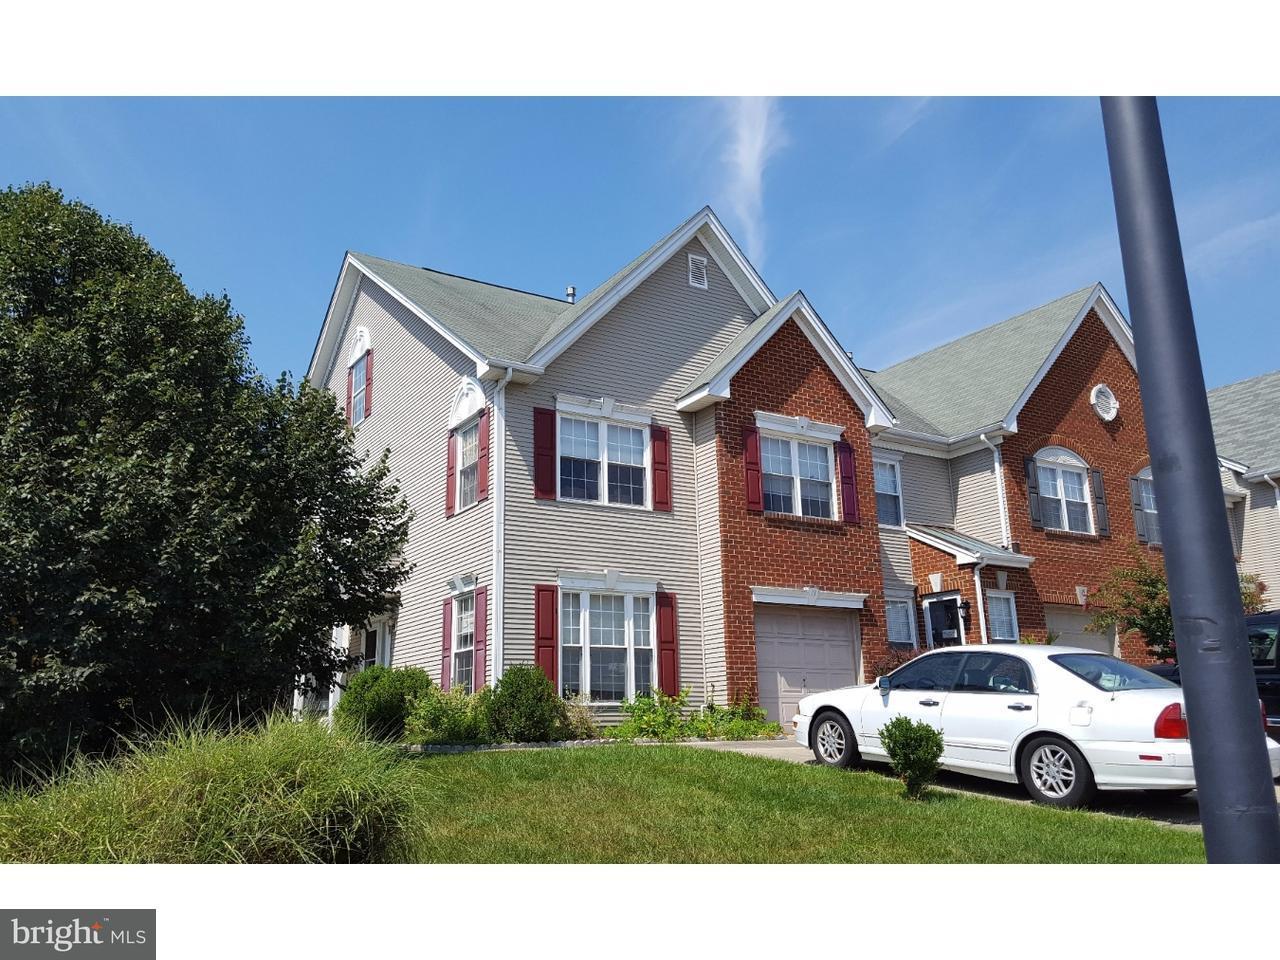 Casa unifamiliar adosada (Townhouse) por un Venta en 13 LA COSTA Drive Blackwood, Nueva Jersey 08012 Estados Unidos